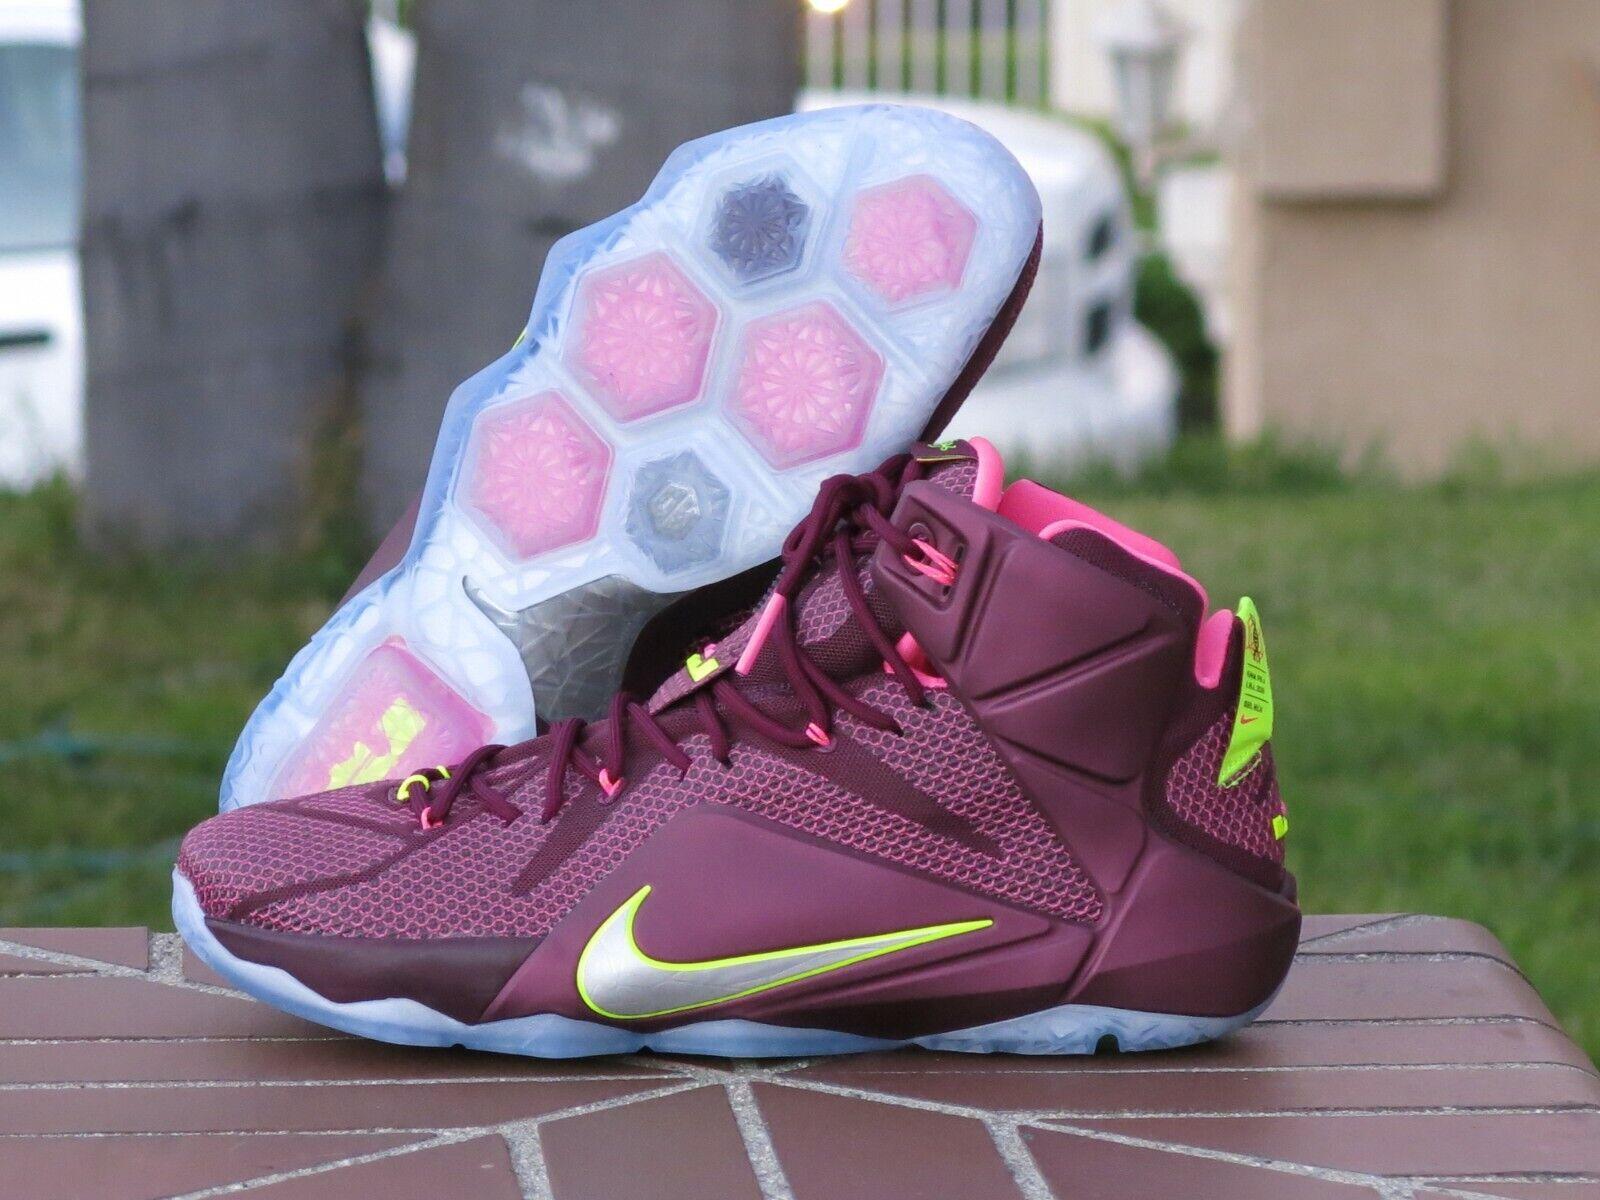 Size 12 - Nike LeBron 12 Double Helix